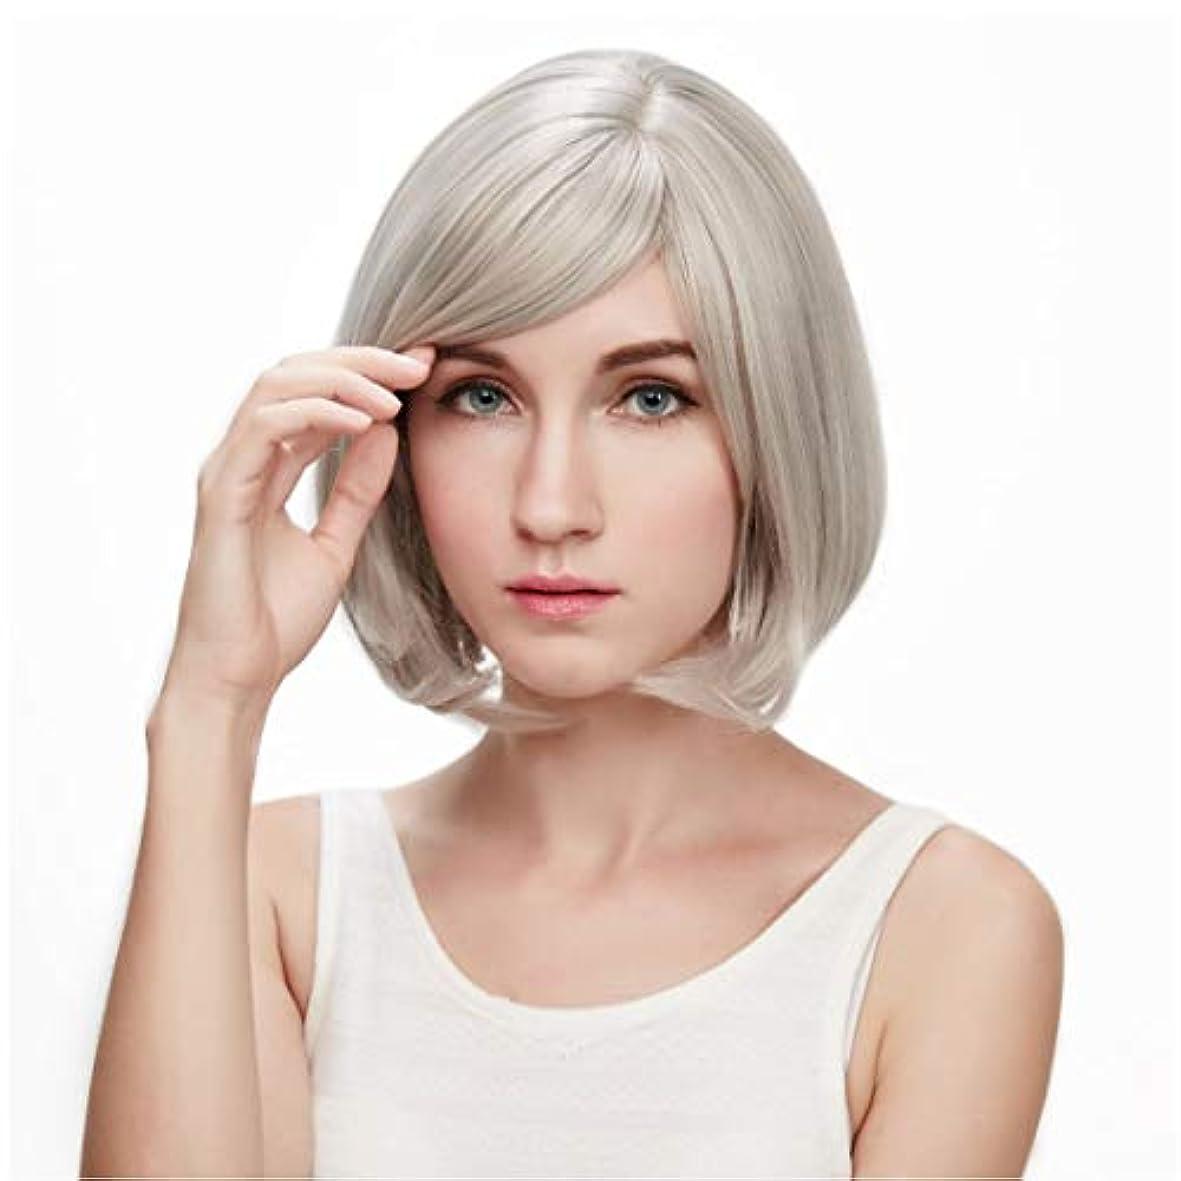 確率操縦するグローバルKerwinner 本物の髪として自然な女性のための平らな前髪の合成かつらとストレートショートボブの髪かつら